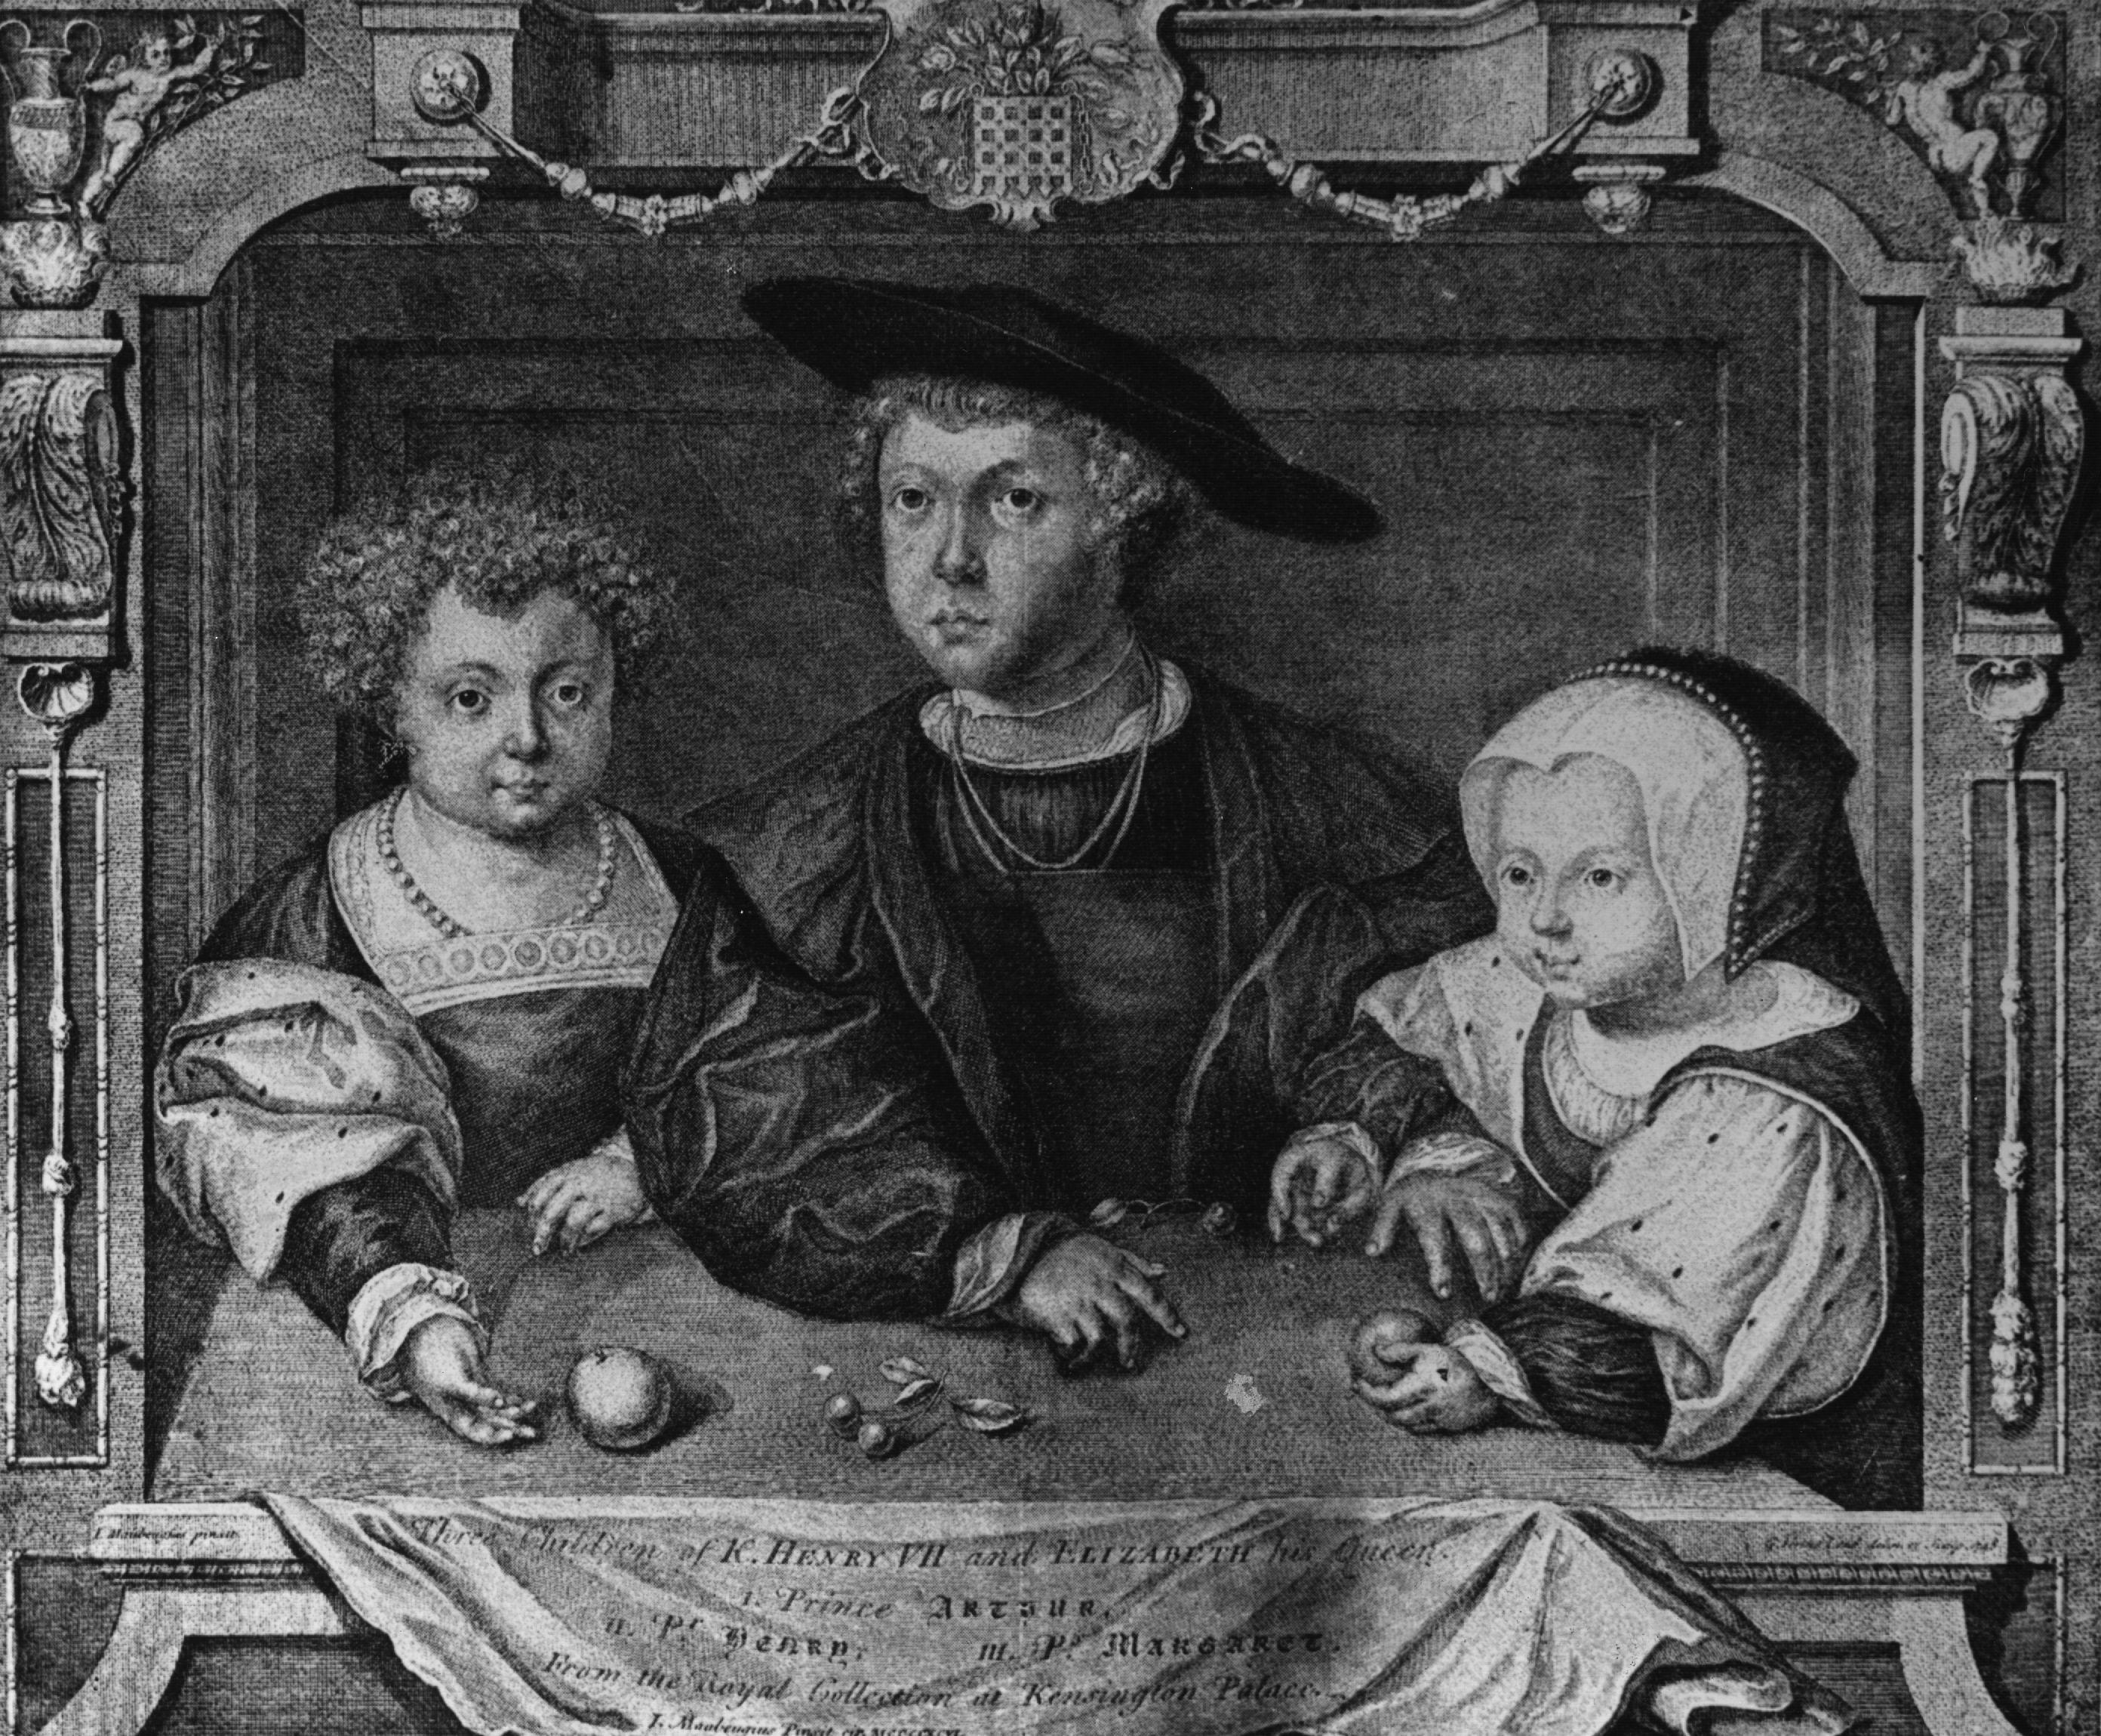 The Cause of Prince Arthur Tudor's Death Remains a Medical Mystery